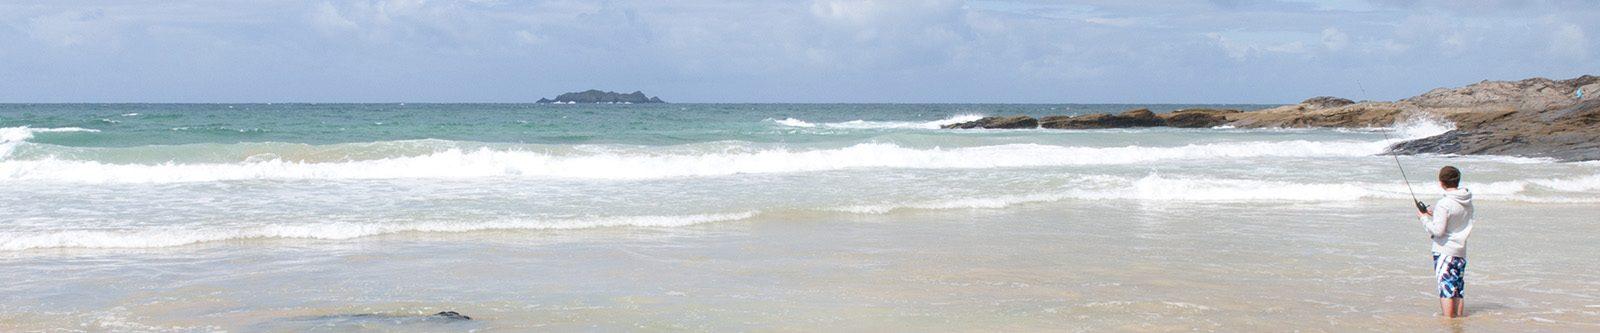 waves at Harlyn Bay